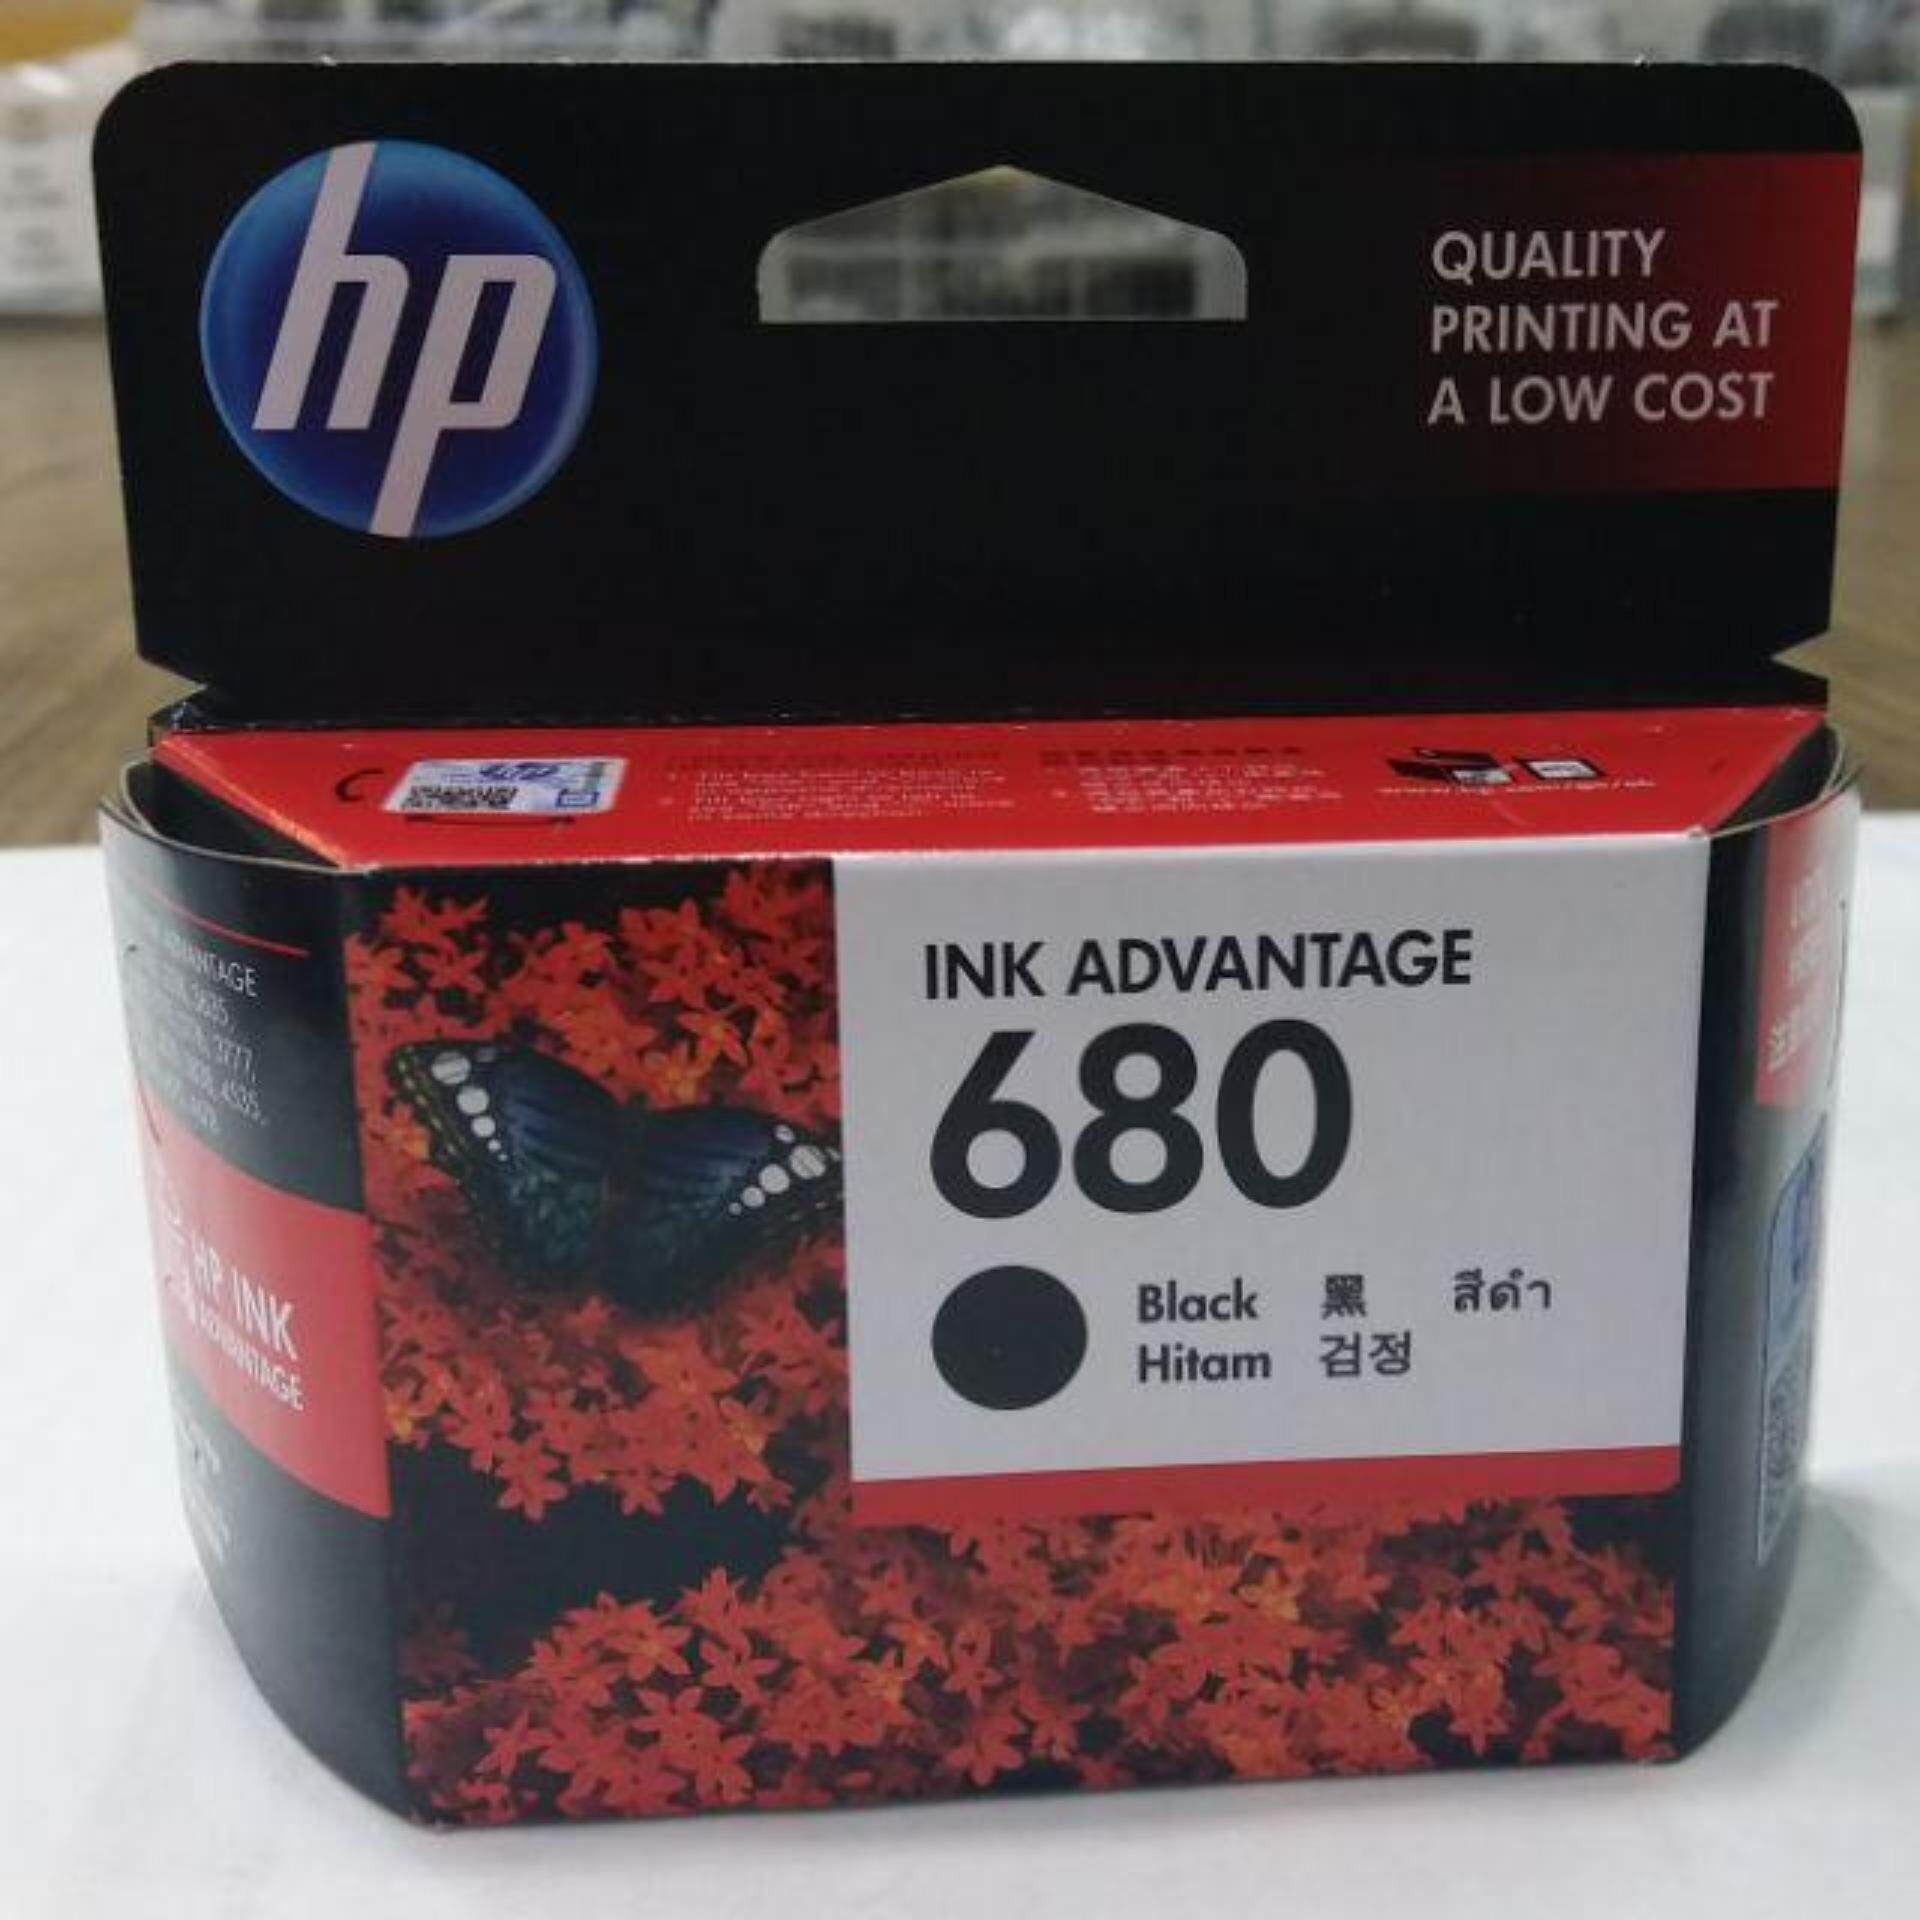 เก็บเงินปลายทางได้ หมึก HP 680 ดำ จัดส่งด่วนโดย Kerry Express